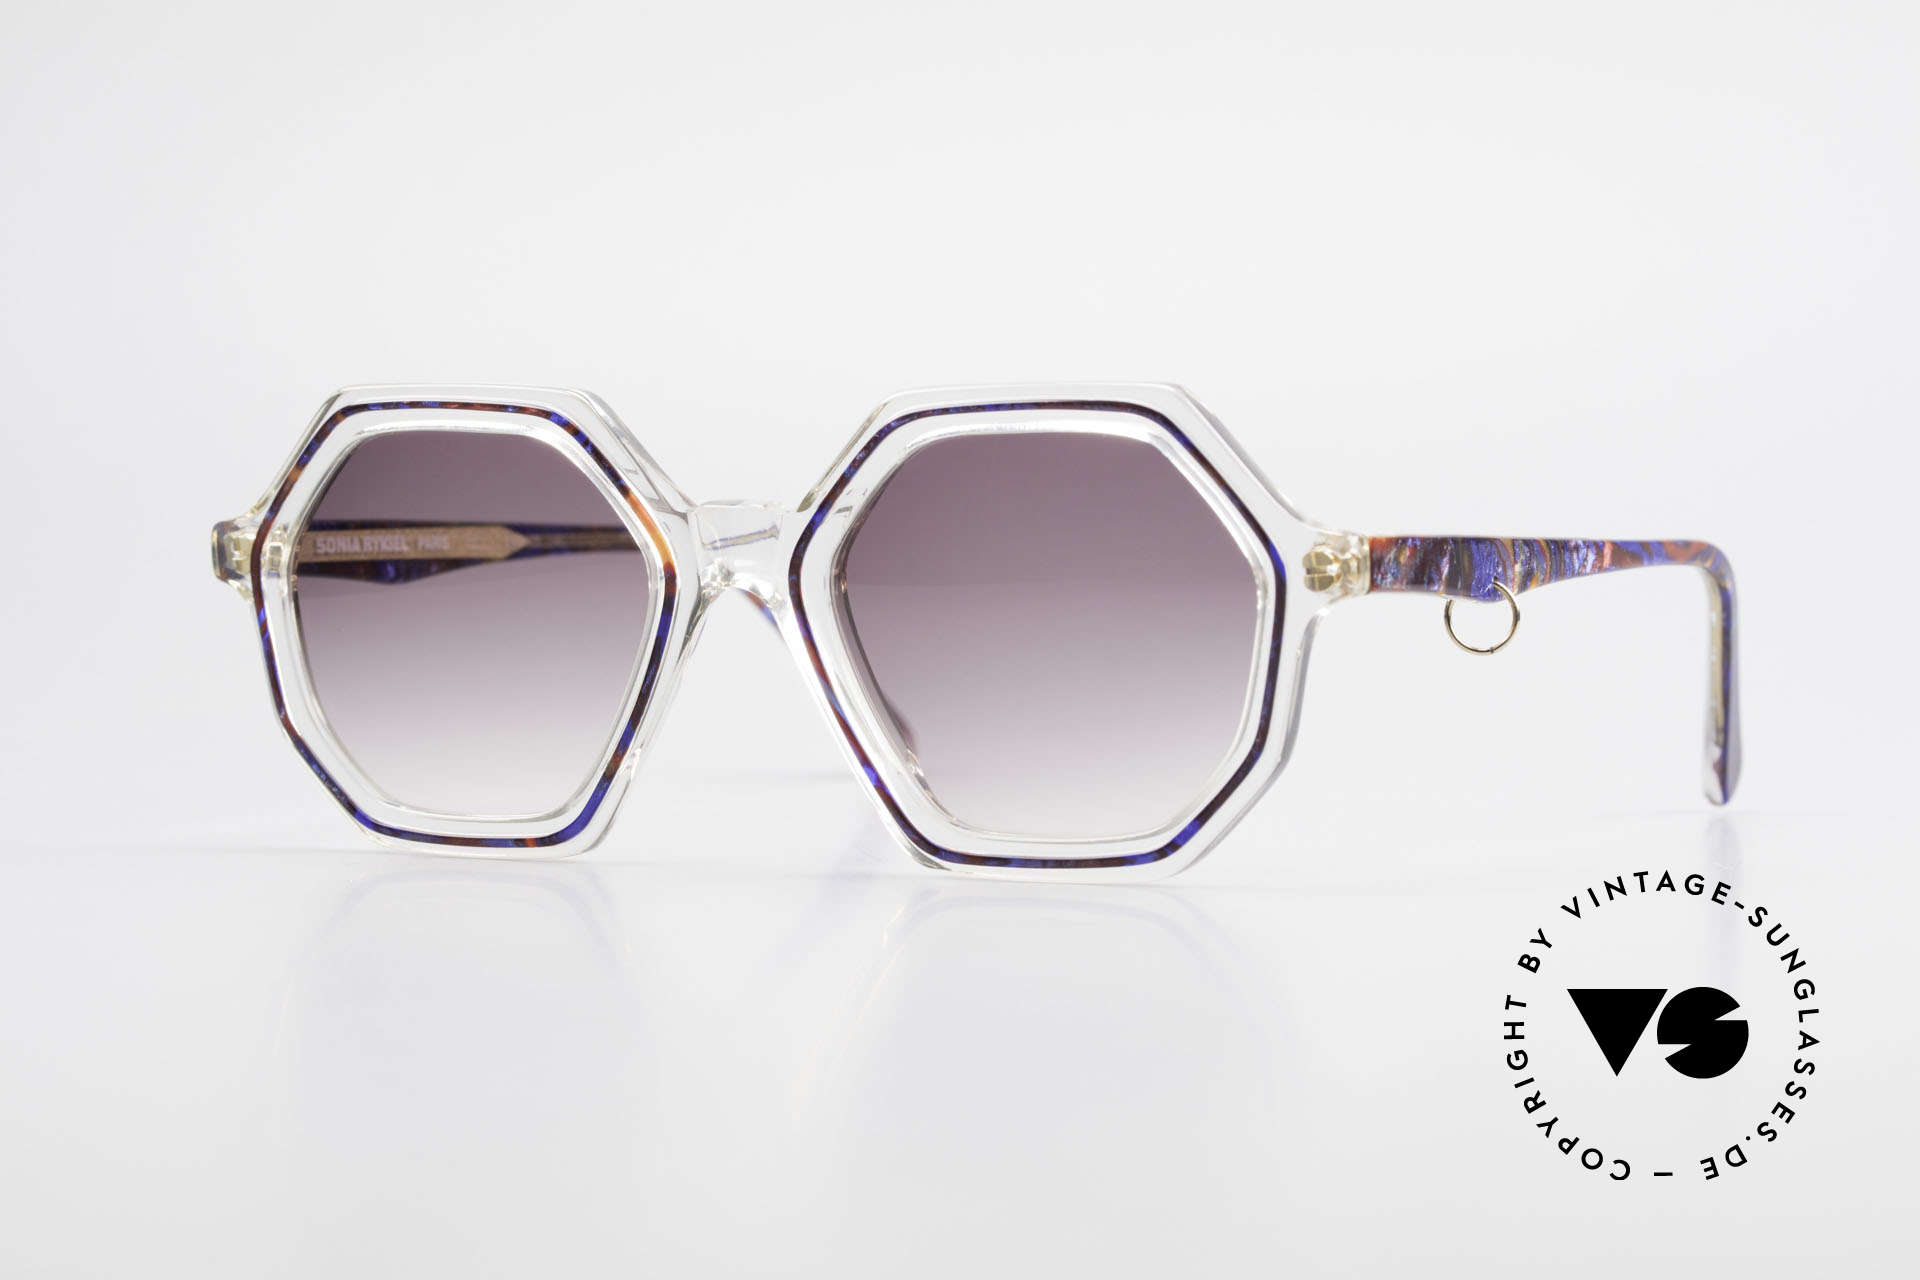 Sonia Rykiel SR46 756 Octagonal 70's Sunglasses, fancy, octagonal sunglasses of the 70's by Sonia Rykiel, Made for Women